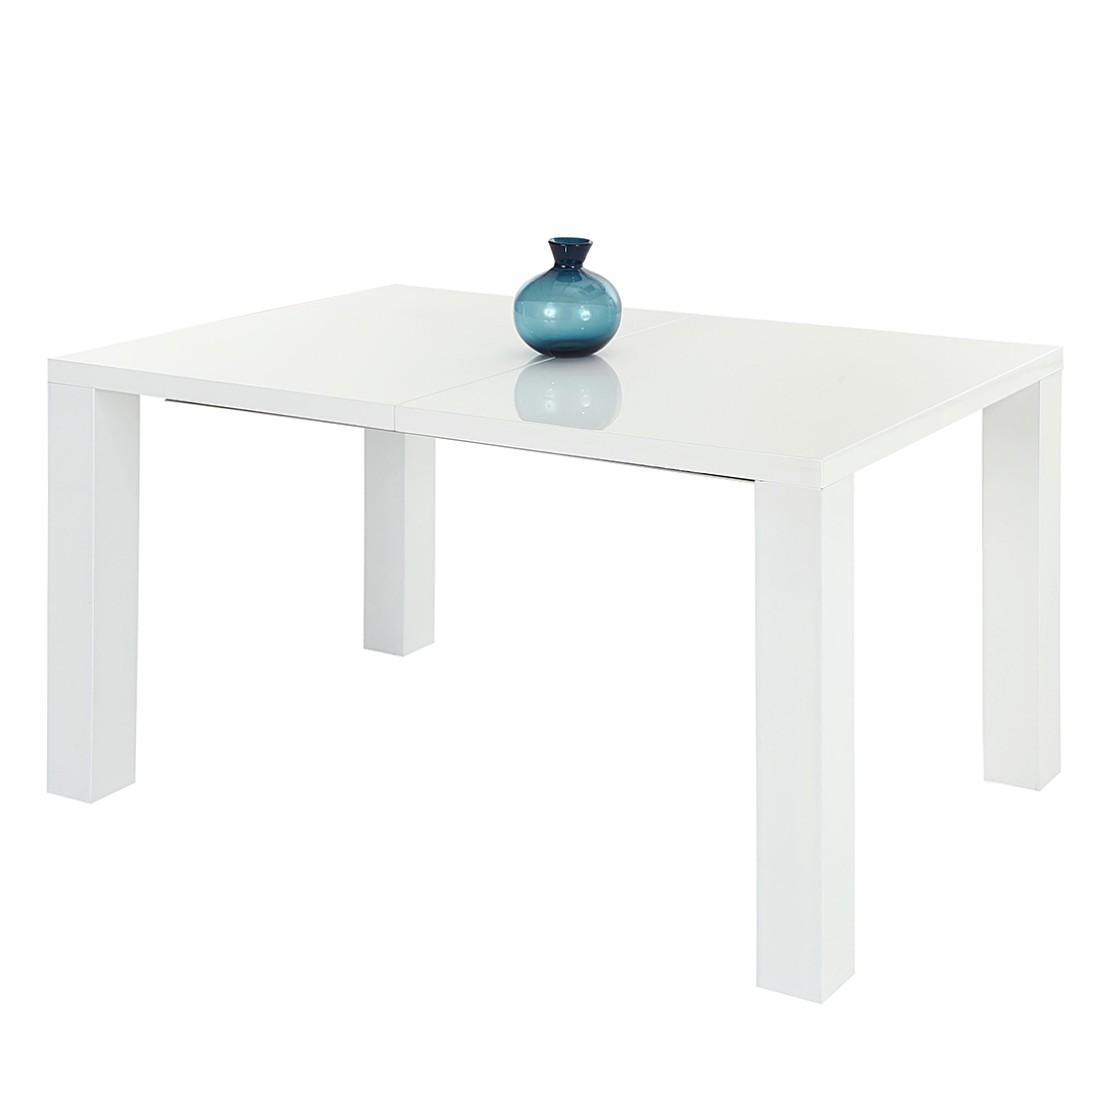 Esstisch Jolina (mit Ausziehfunktion) - Hochglanz Weiß - 160-200 x 90 cm, Home Design